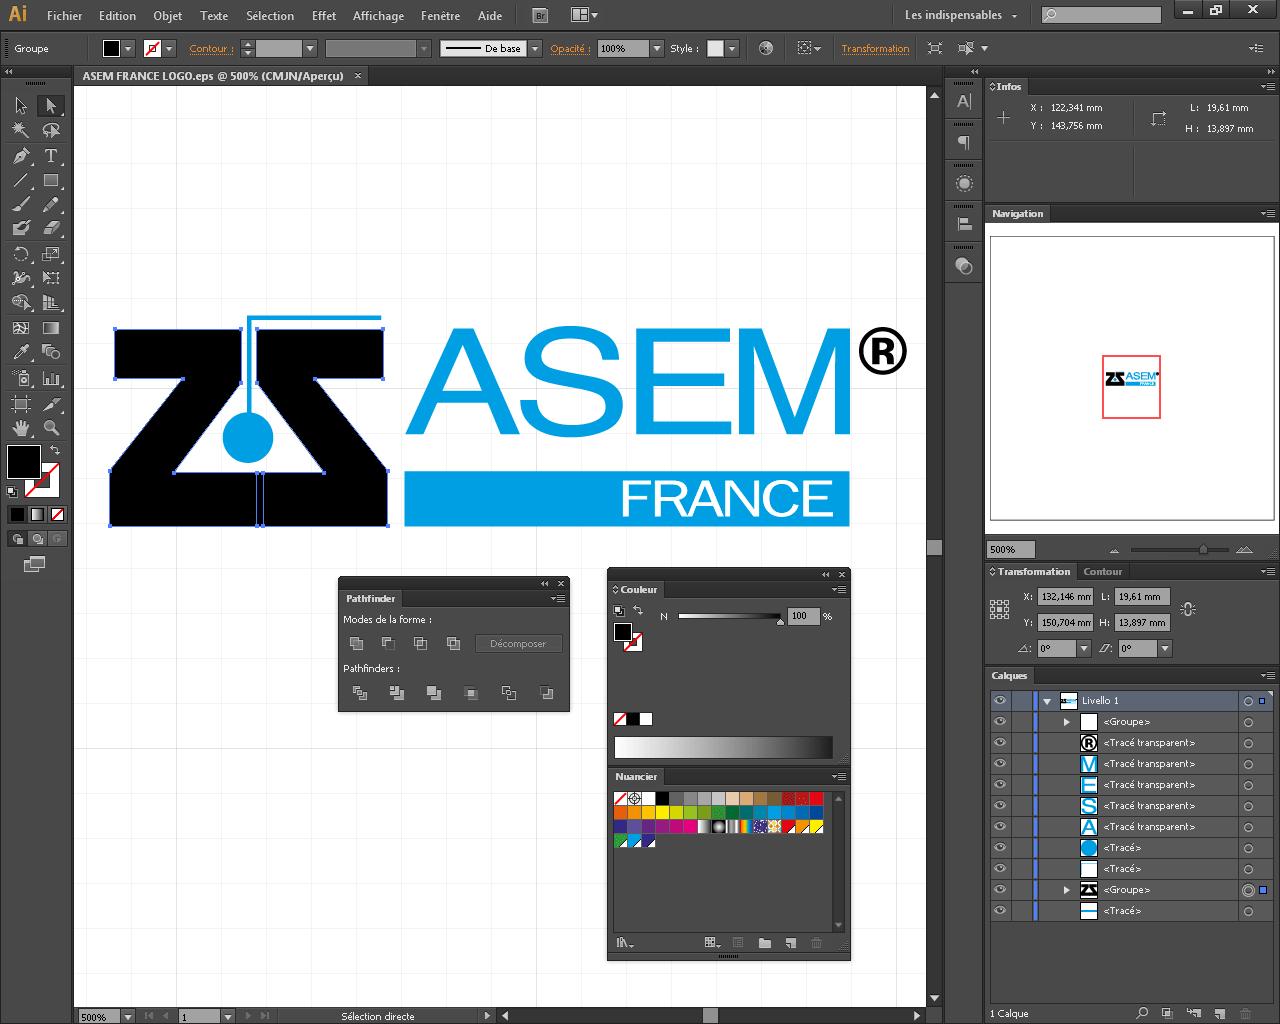 Lifting du logo de l'entreprise Asem